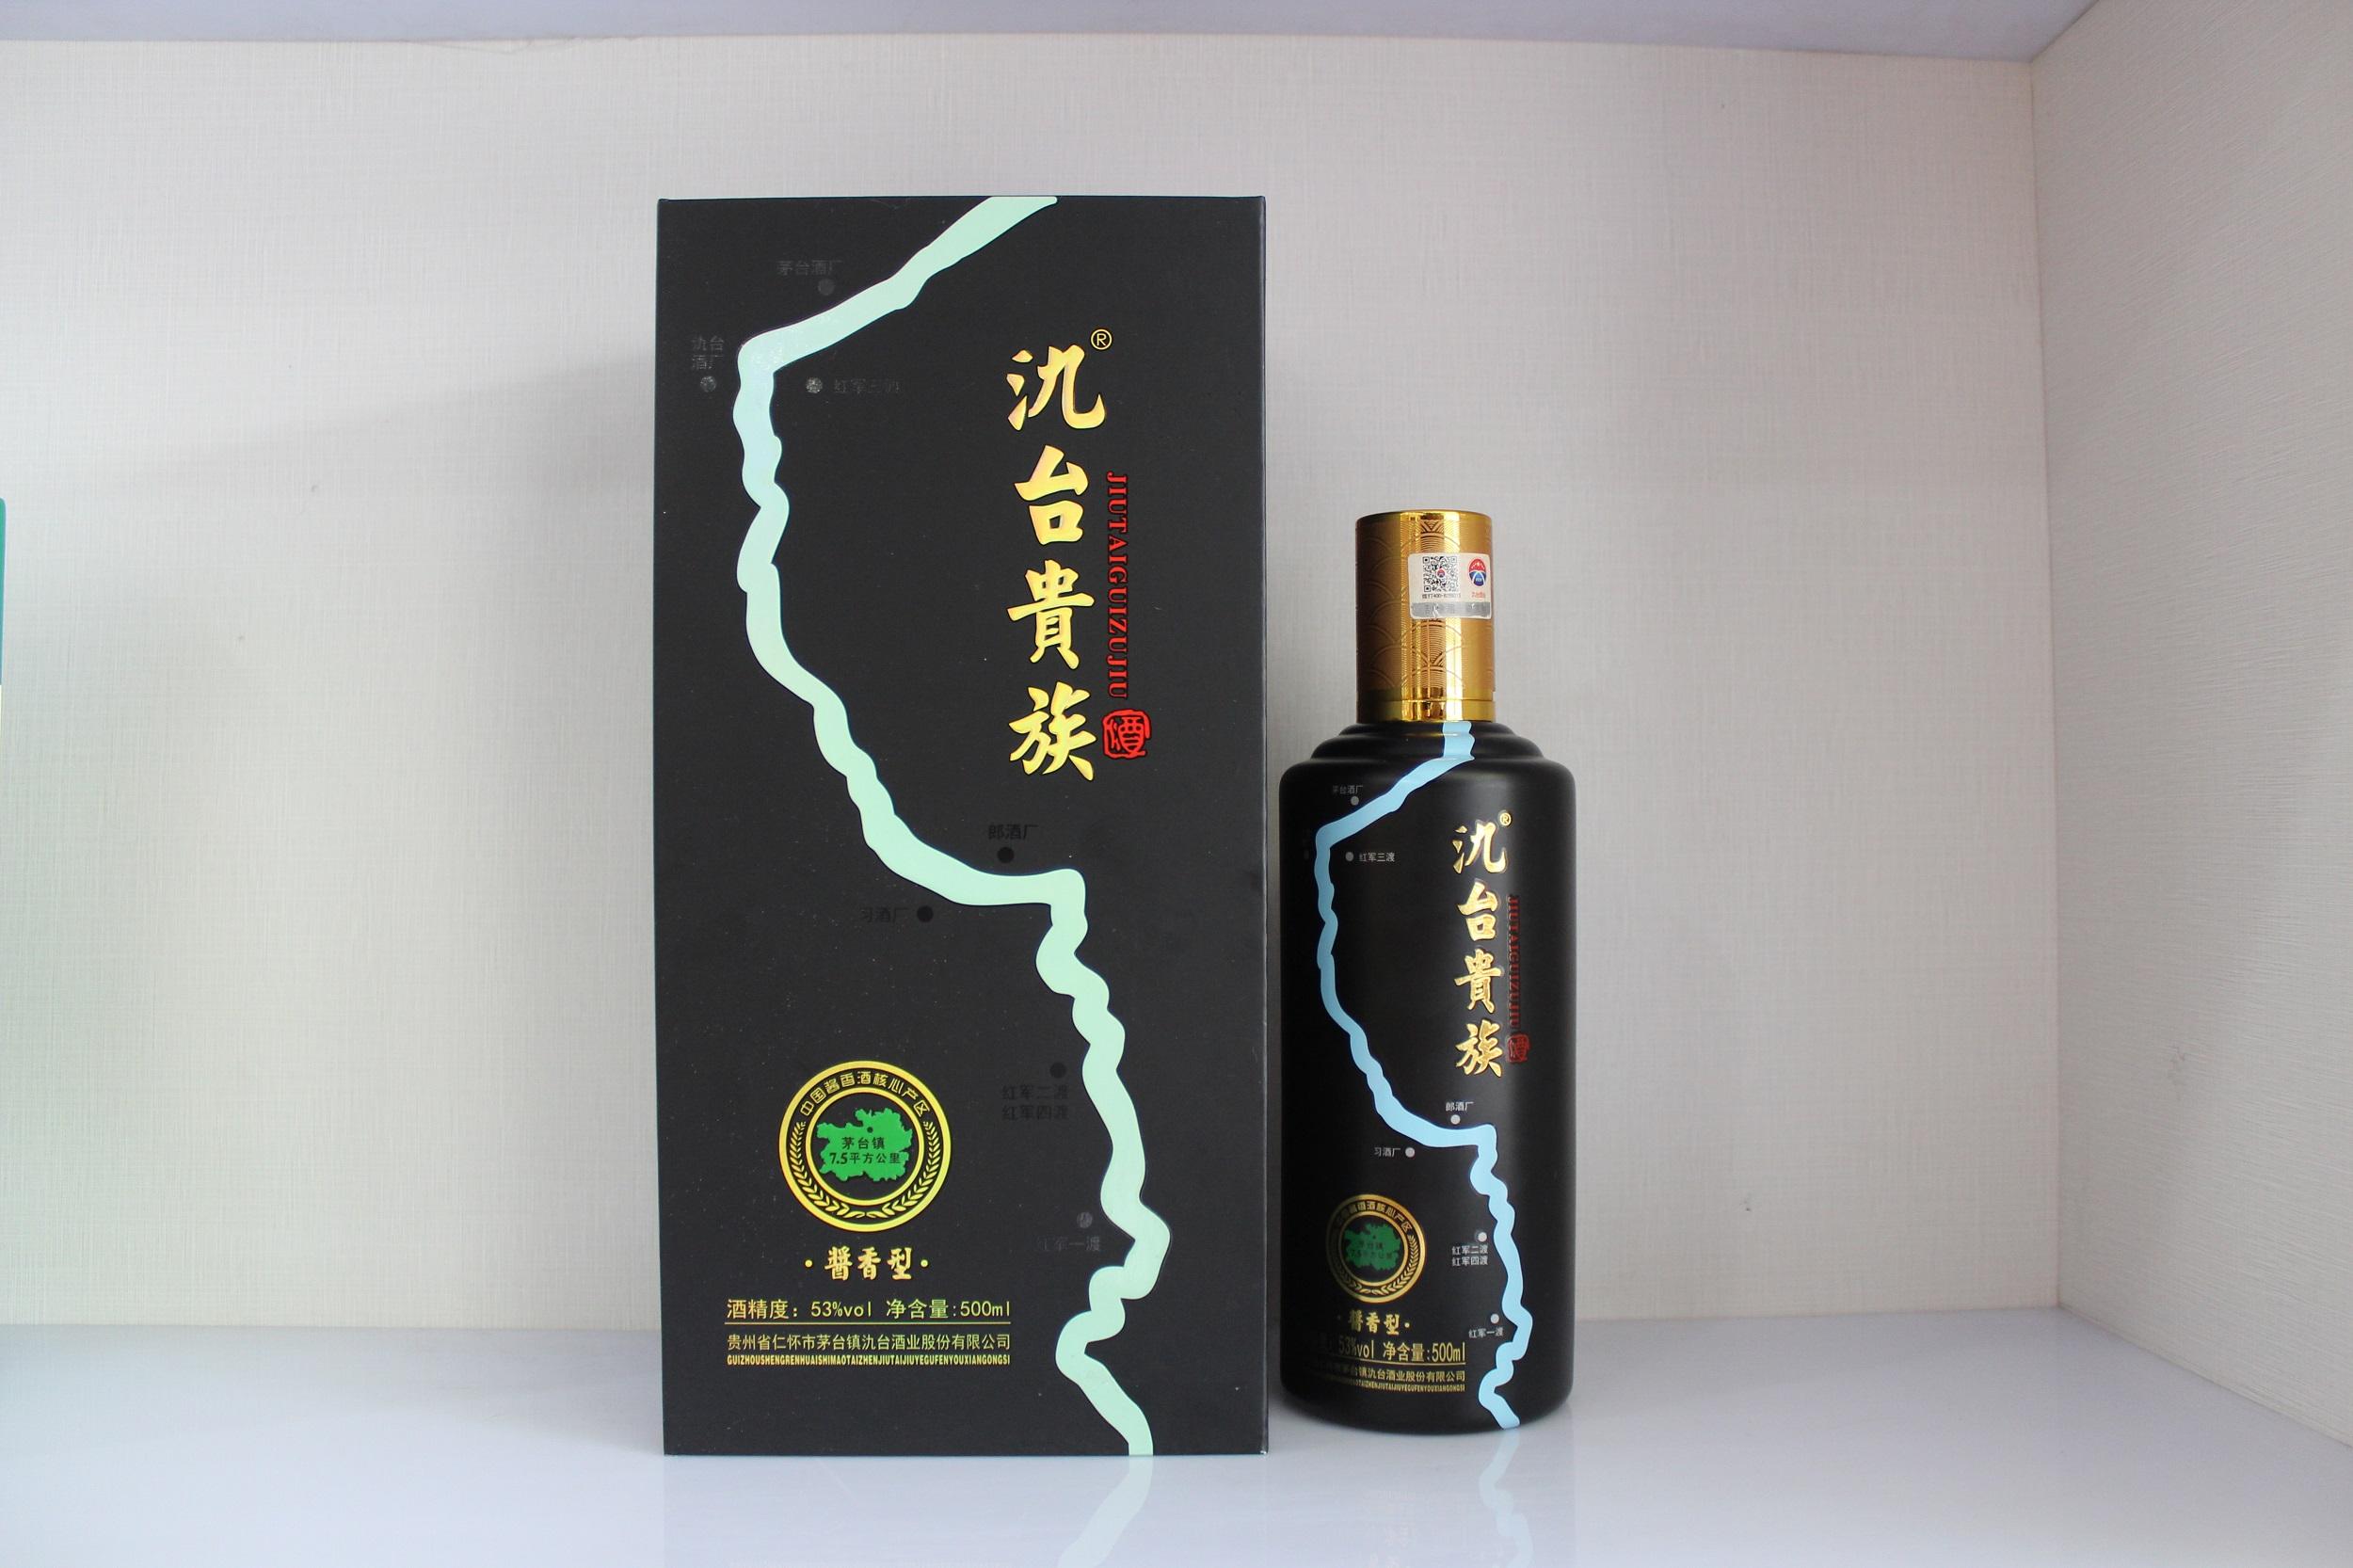 氿台贵州(黑金)